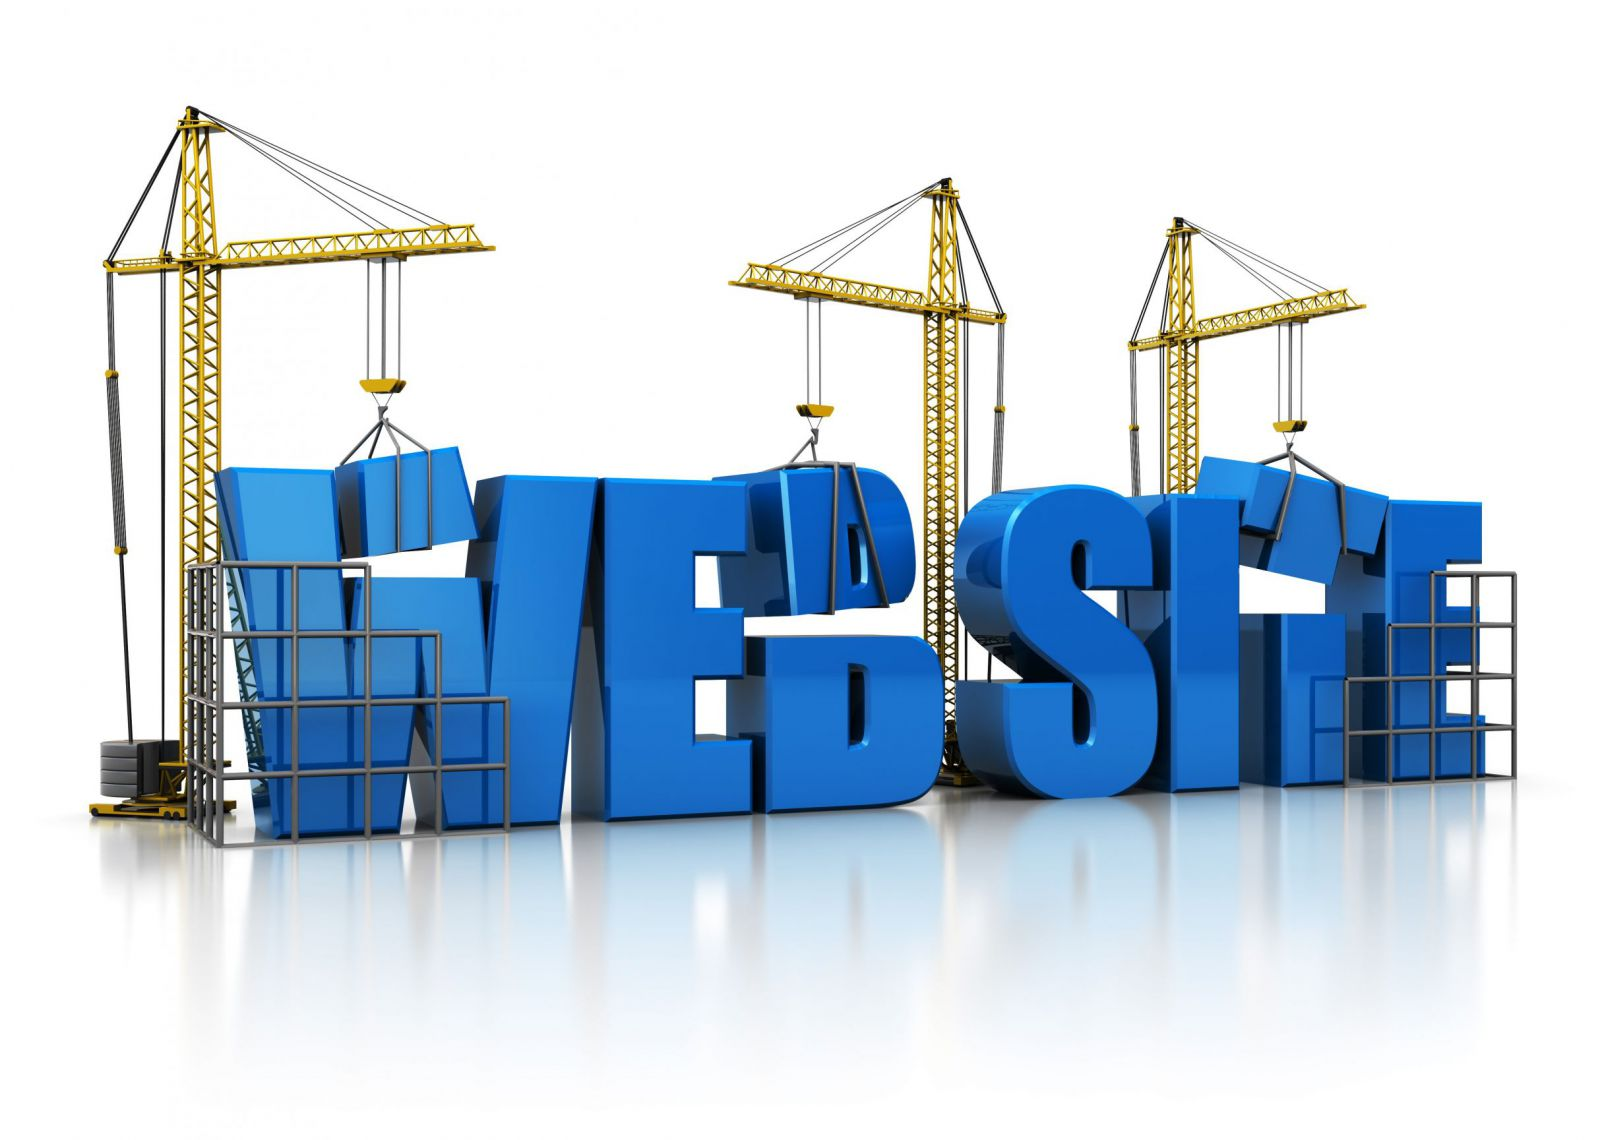 Kinh doanh online cần chuẩn bị gì?